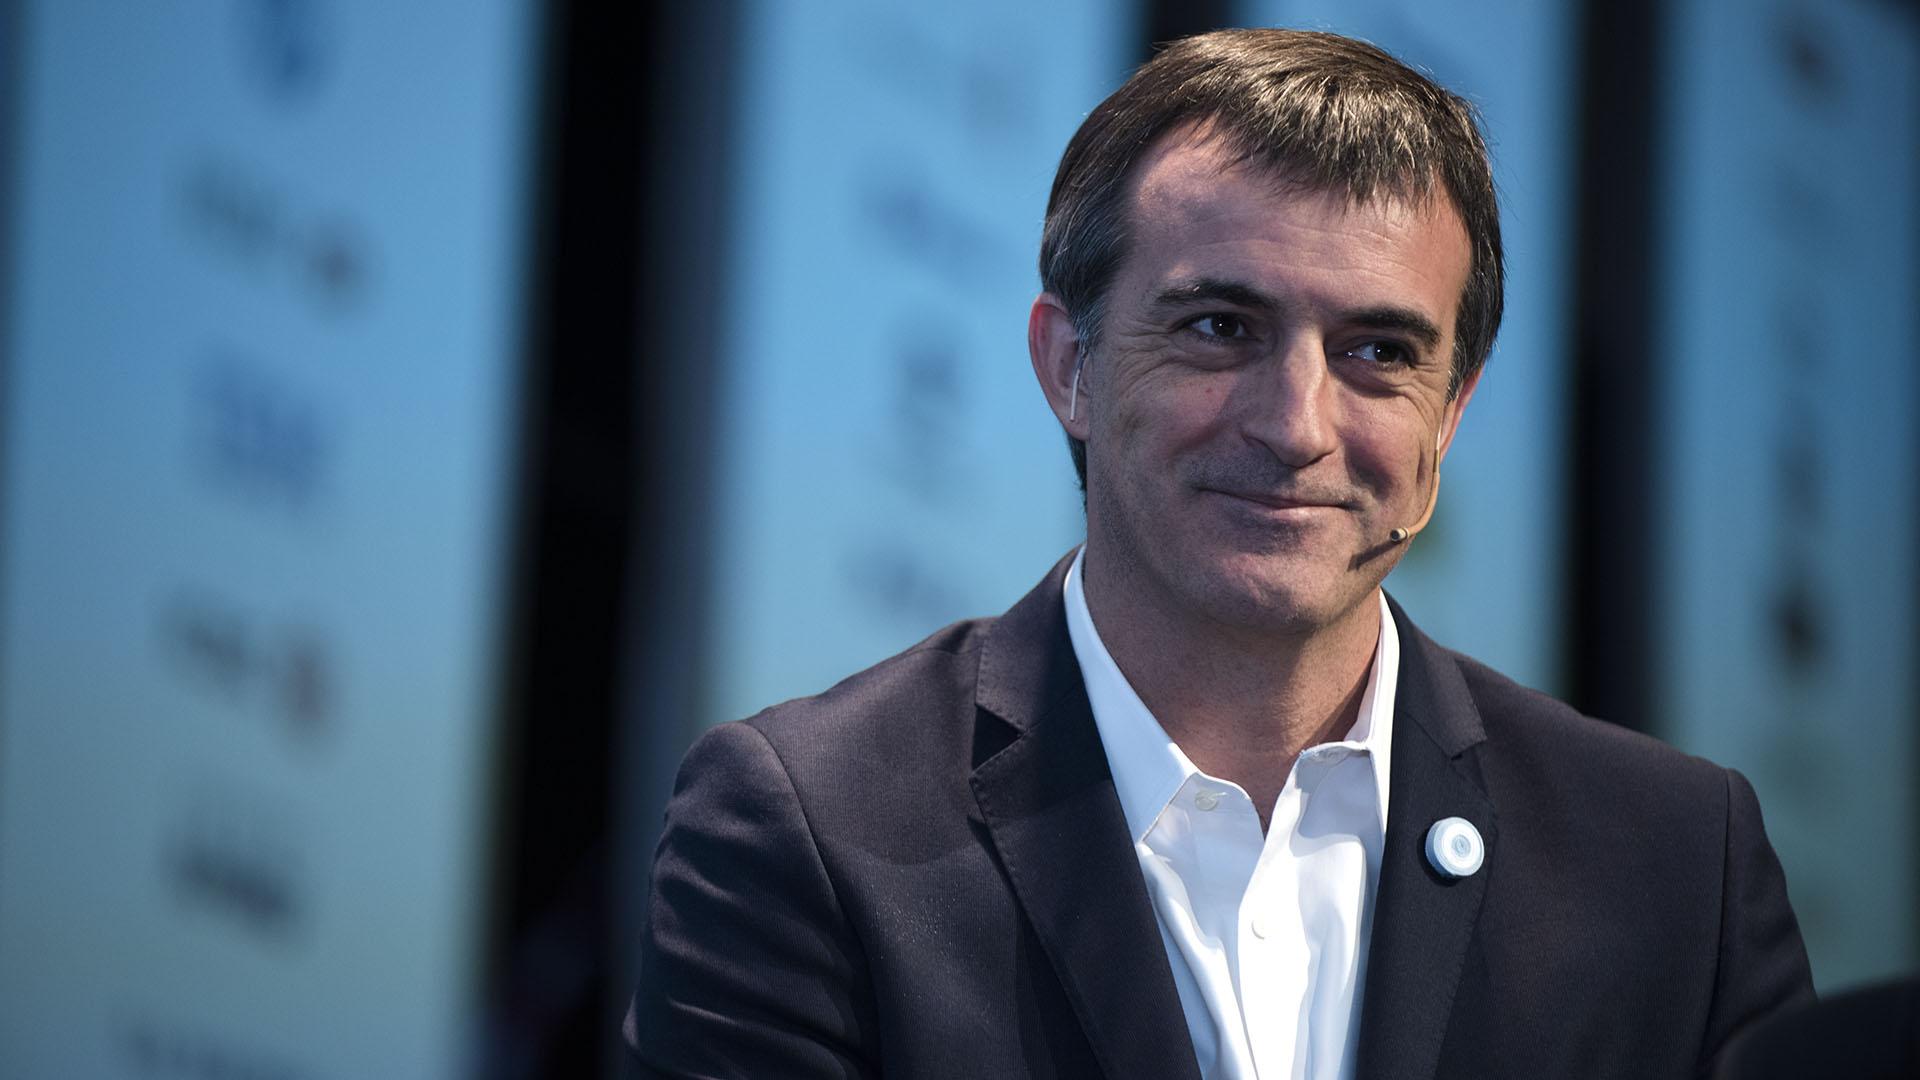 Esteban Bullrich, Ministro de Educación y Deportes de la Nación